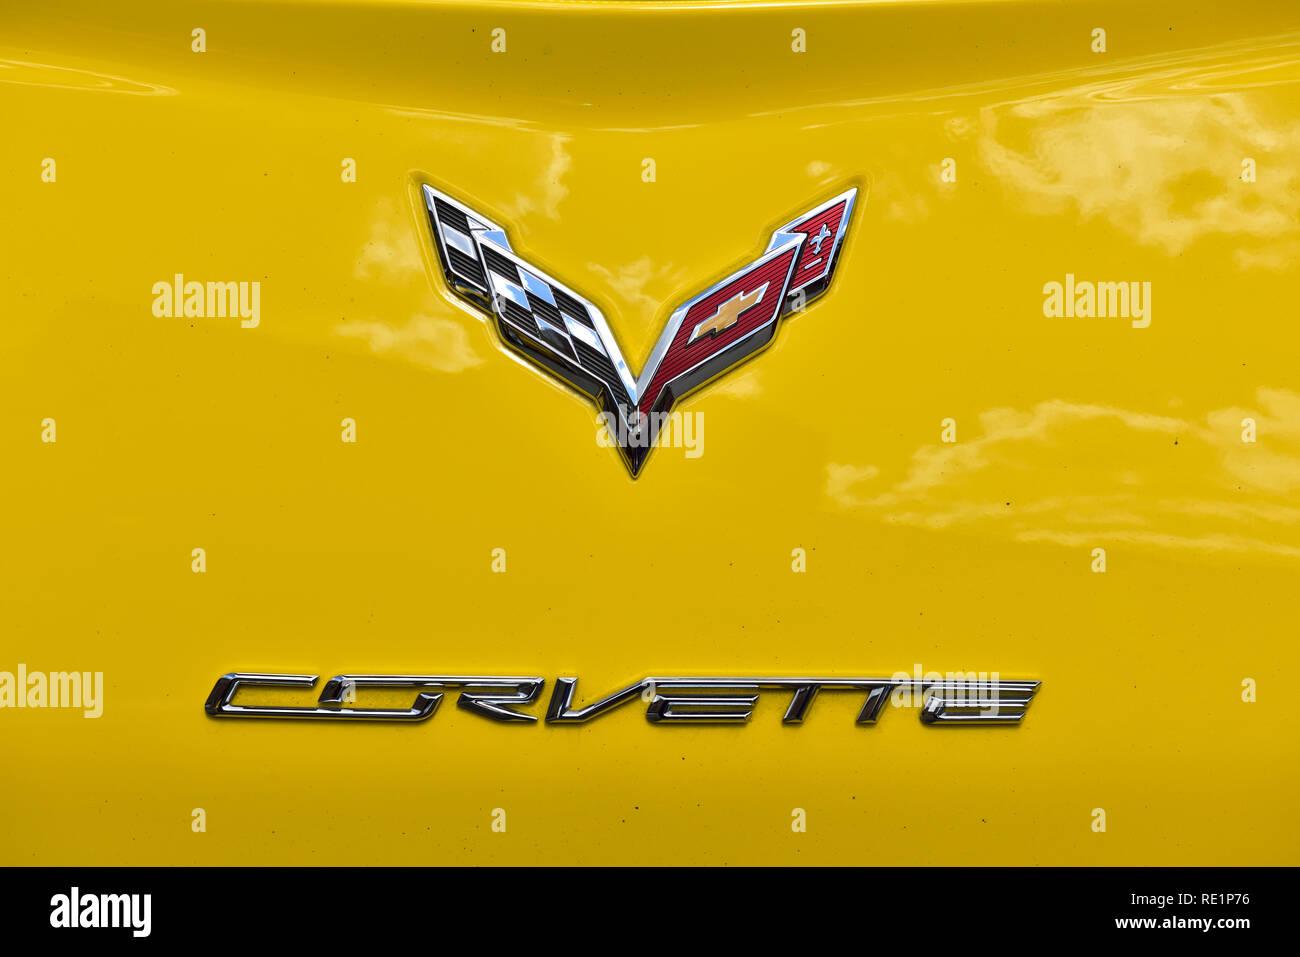 Chevrolet Corvette logo on yellow Corvette - Stock Image